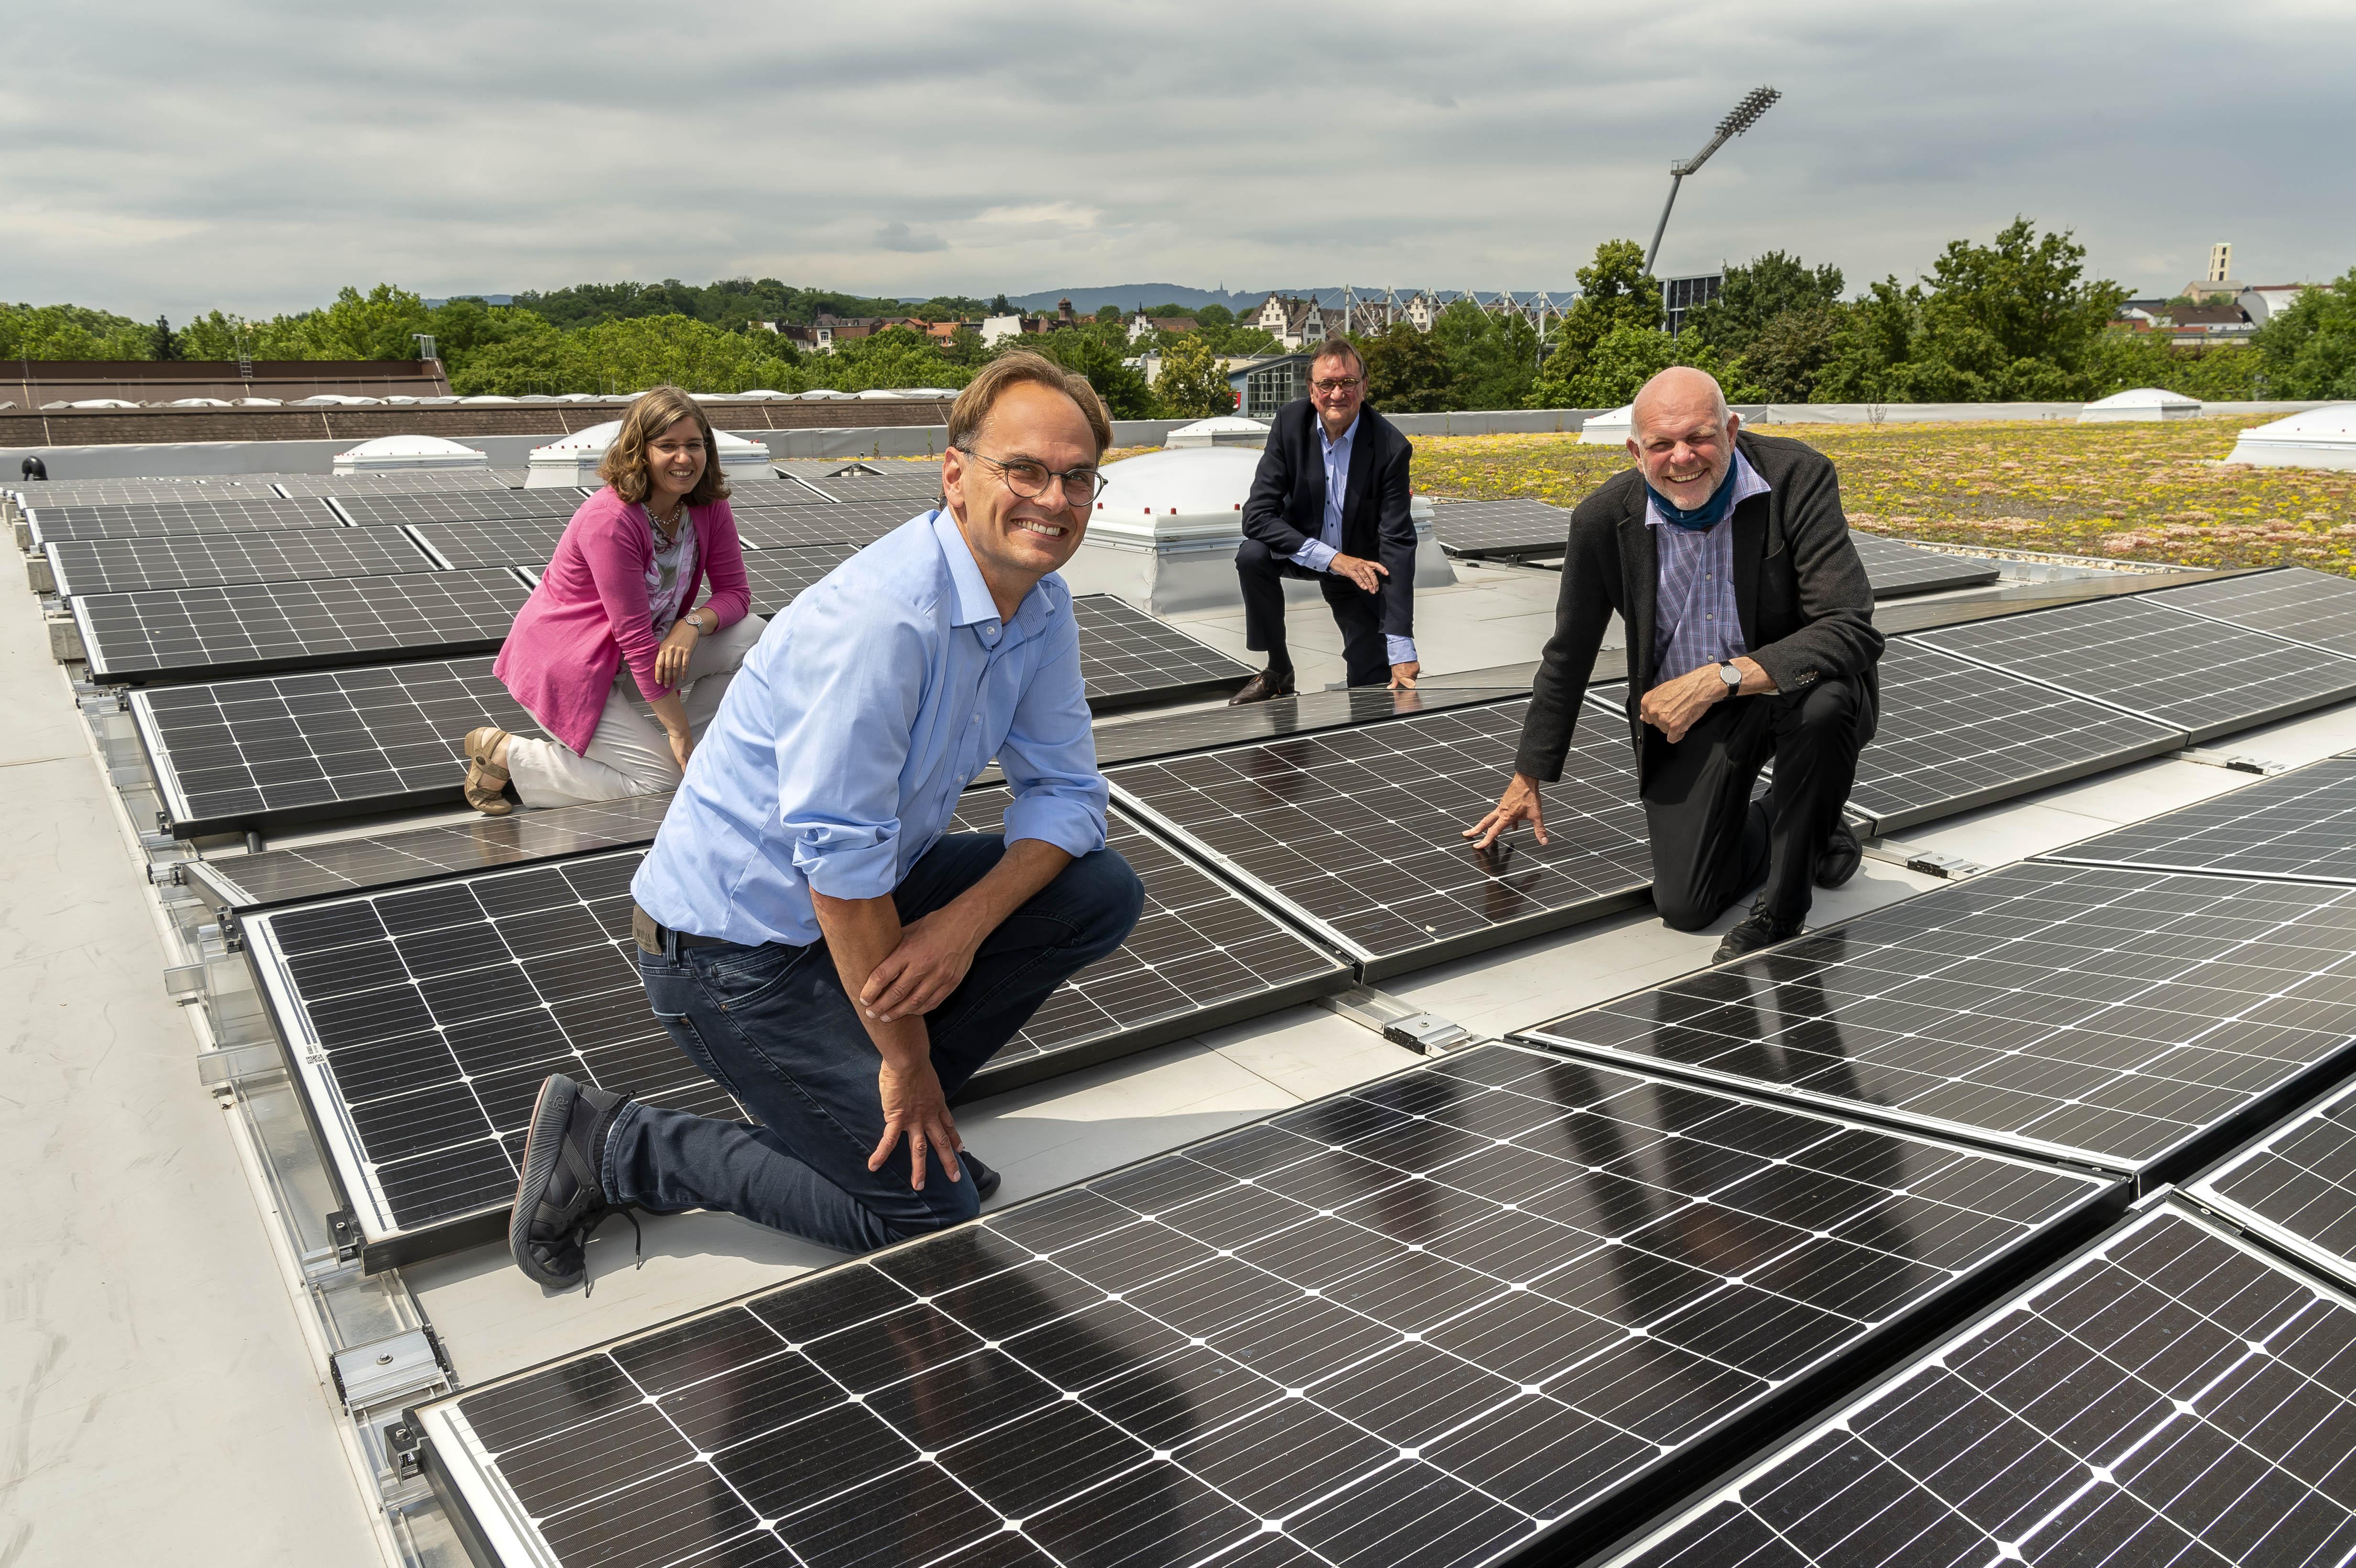 Neue PV-Anlage auf der task-Halle spart 15 Tonnen CO2 ein